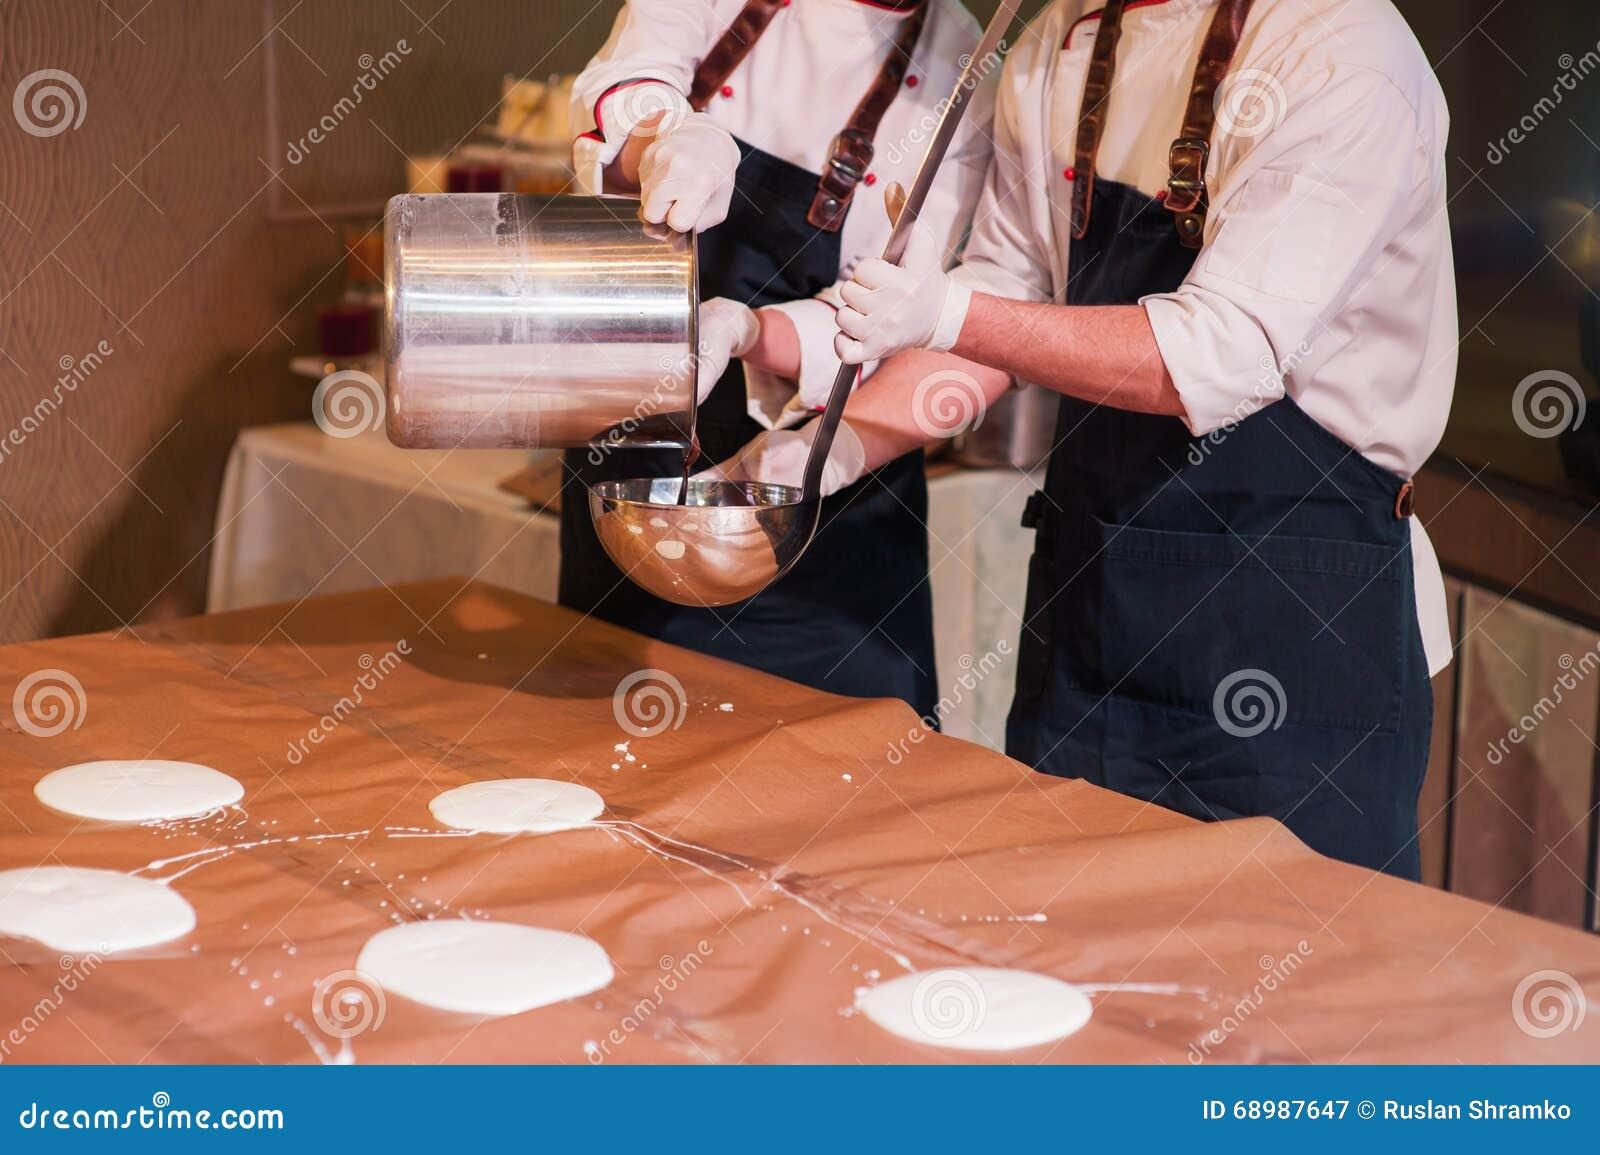 La poche de chef verse de grandes crêpes sur la table